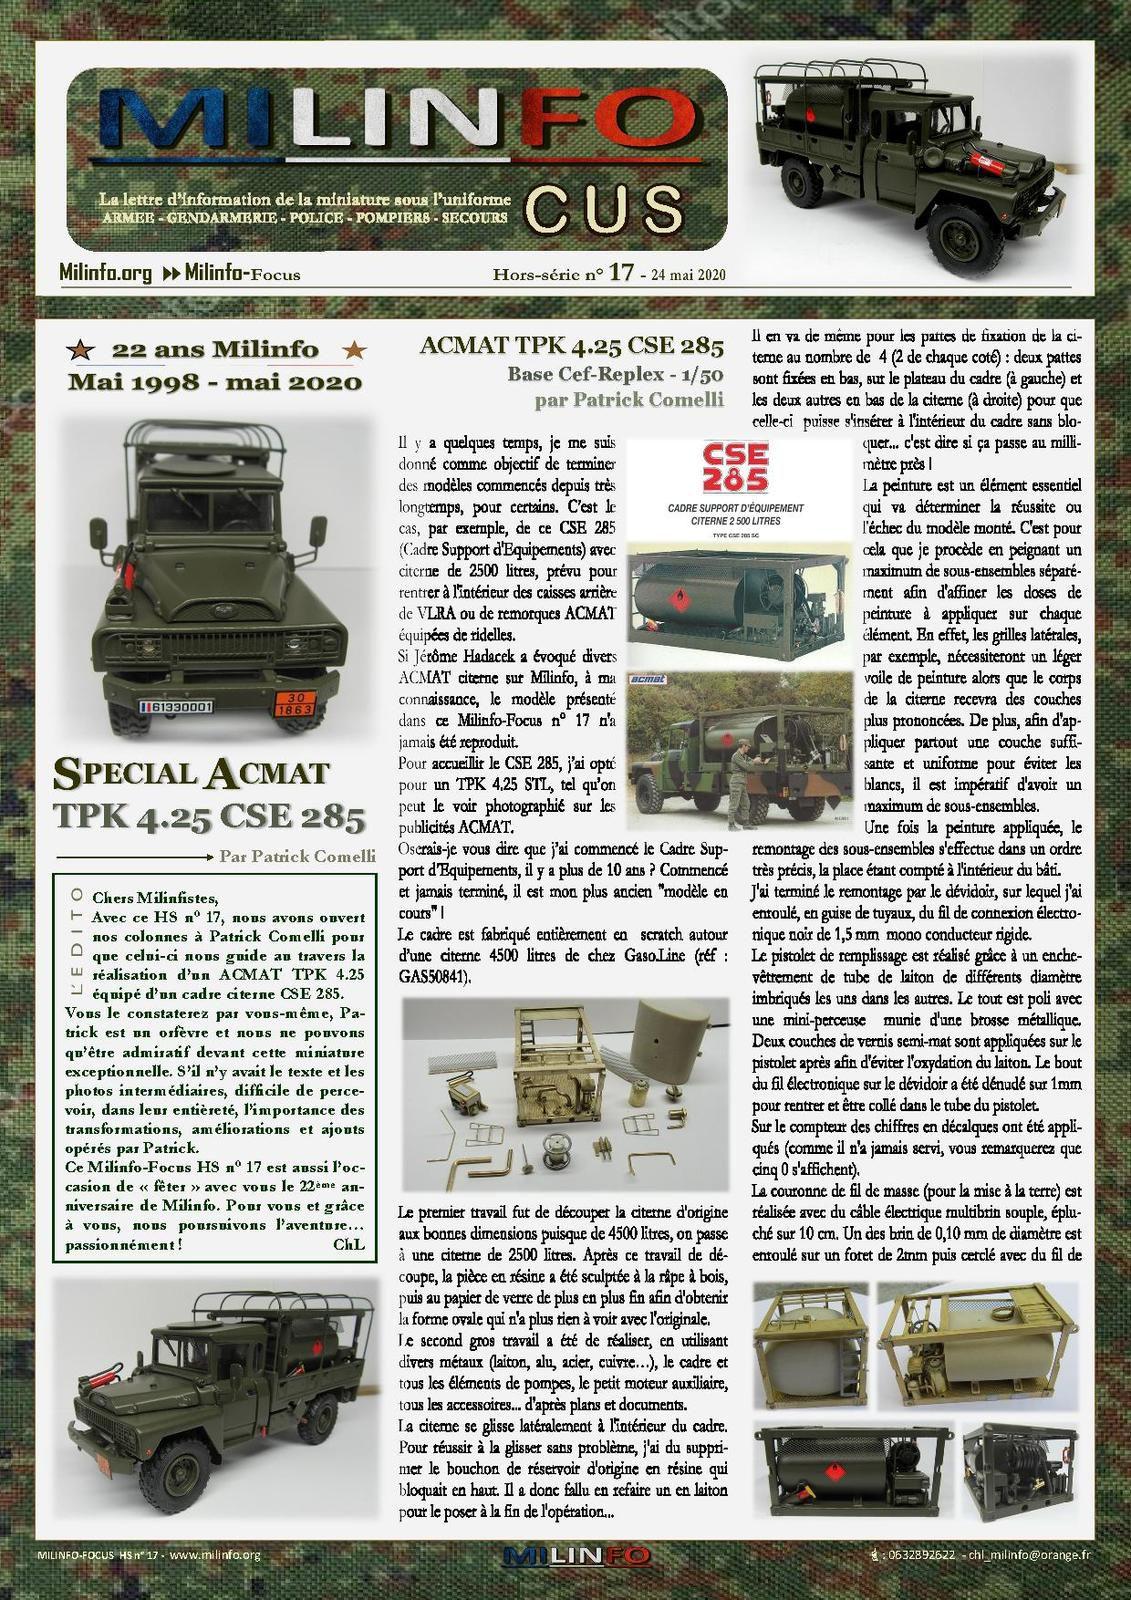 Milinfo-Focus HS n° 17  ACMAT  TPK 4.25 CSE 285  Sur base Cef-Replex - 1/50 - par Patrick Comelli